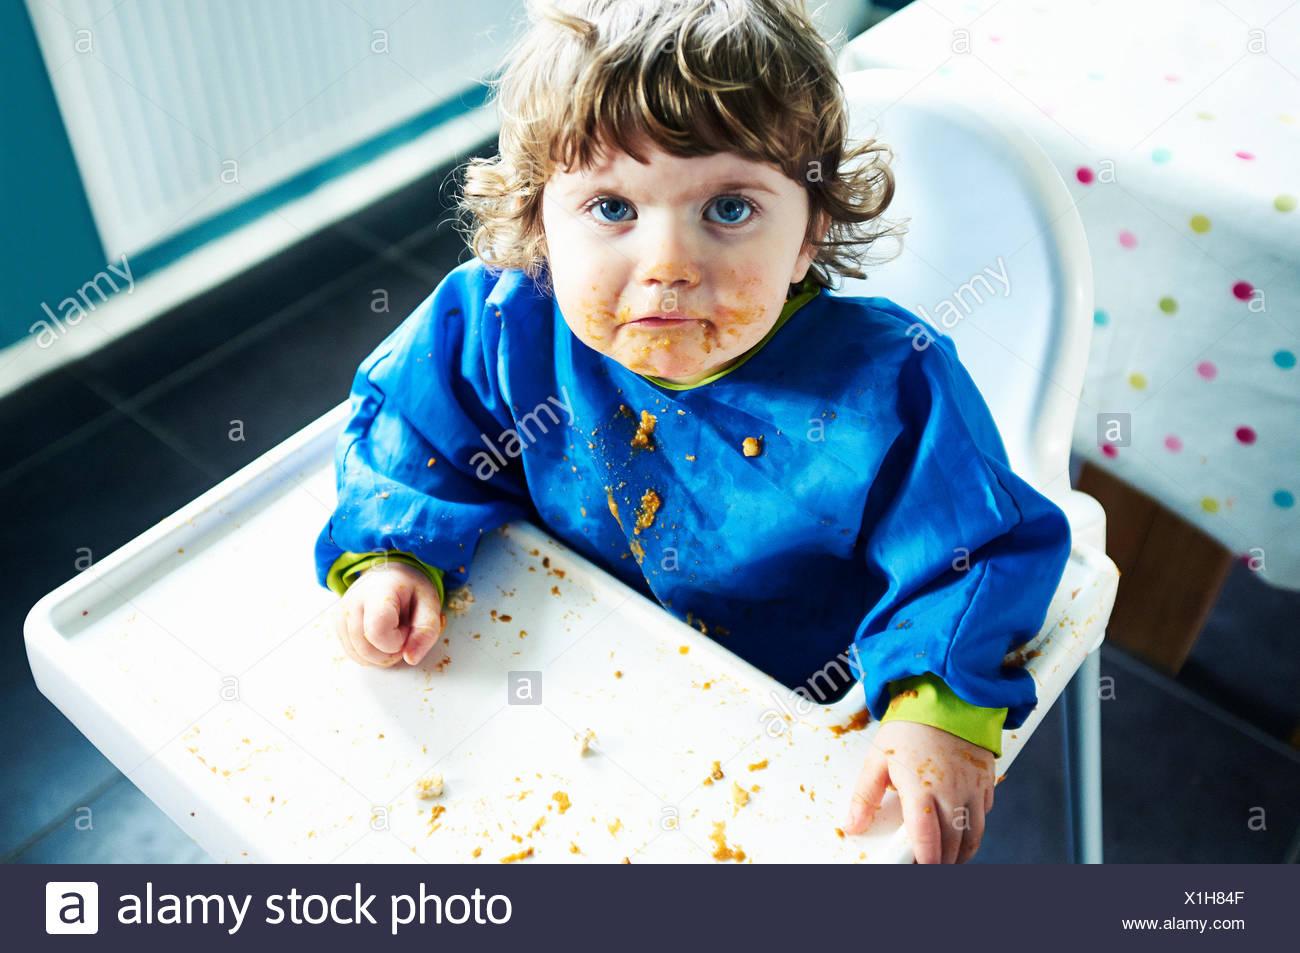 Schmutzige Mädchen Essen im Hochstuhl Stockbild